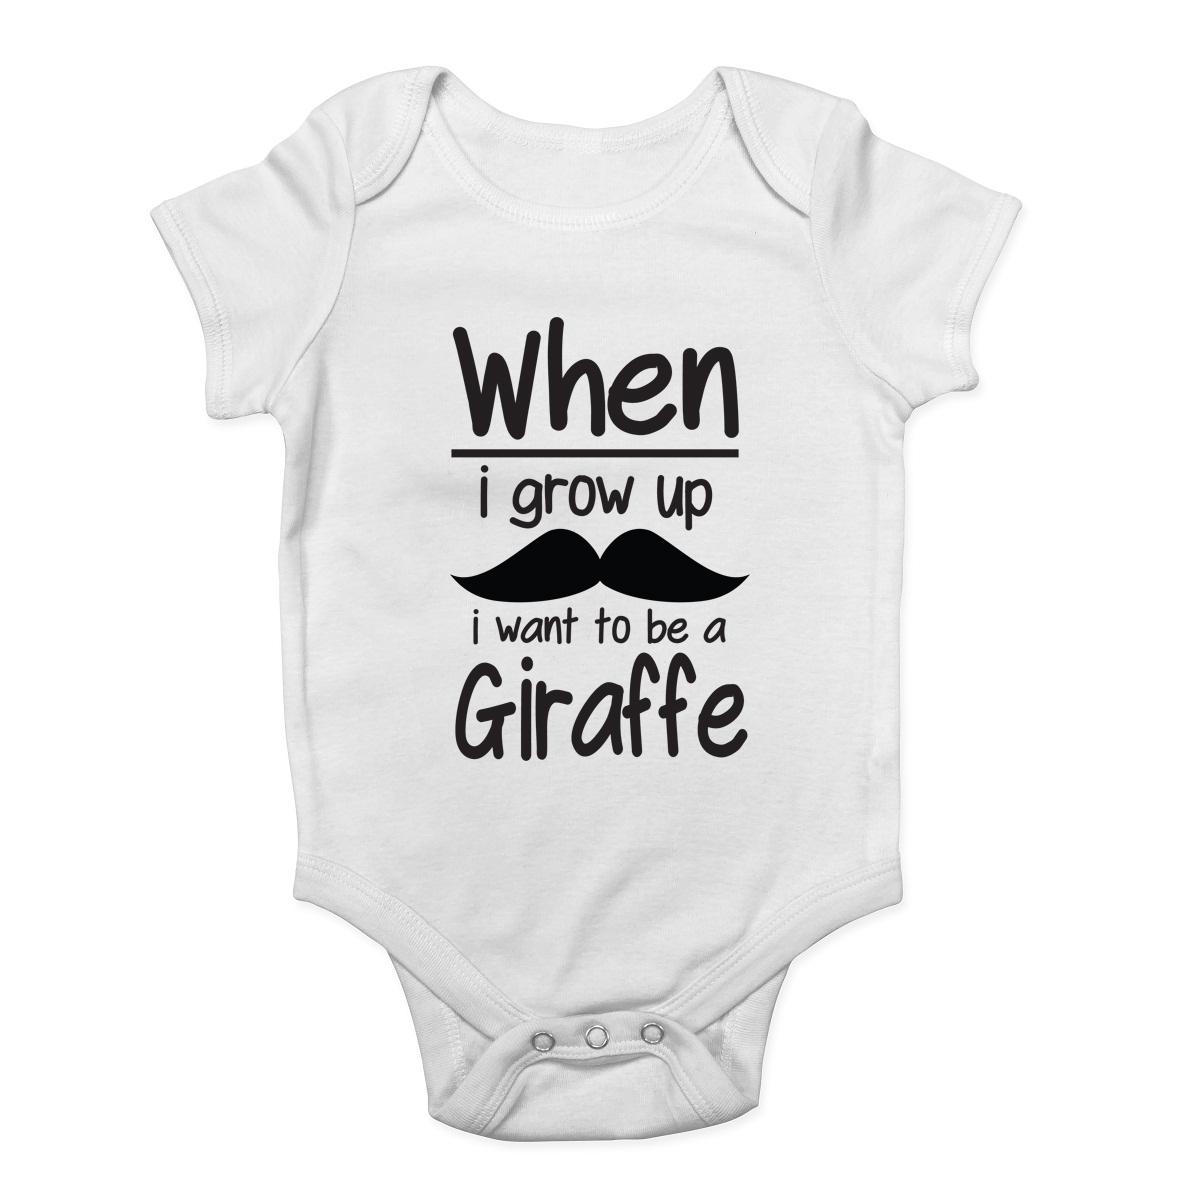 Quand je grandir je veux être une girafe Baby Grow Vest Body Garçons Filles Cadeau